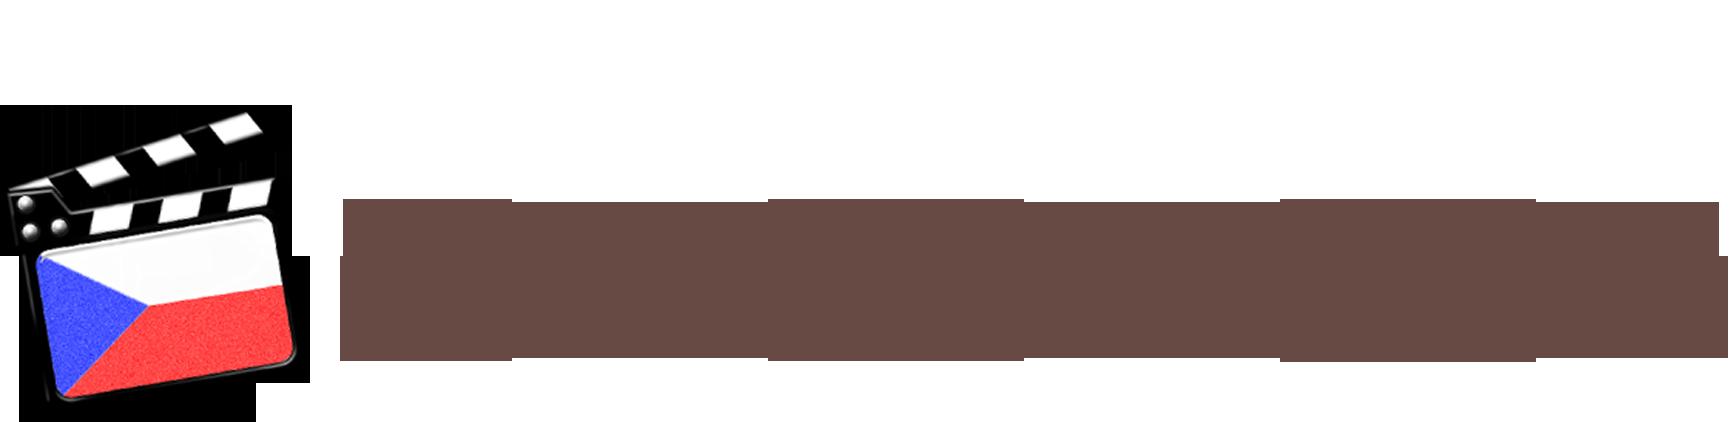 Czechmovie